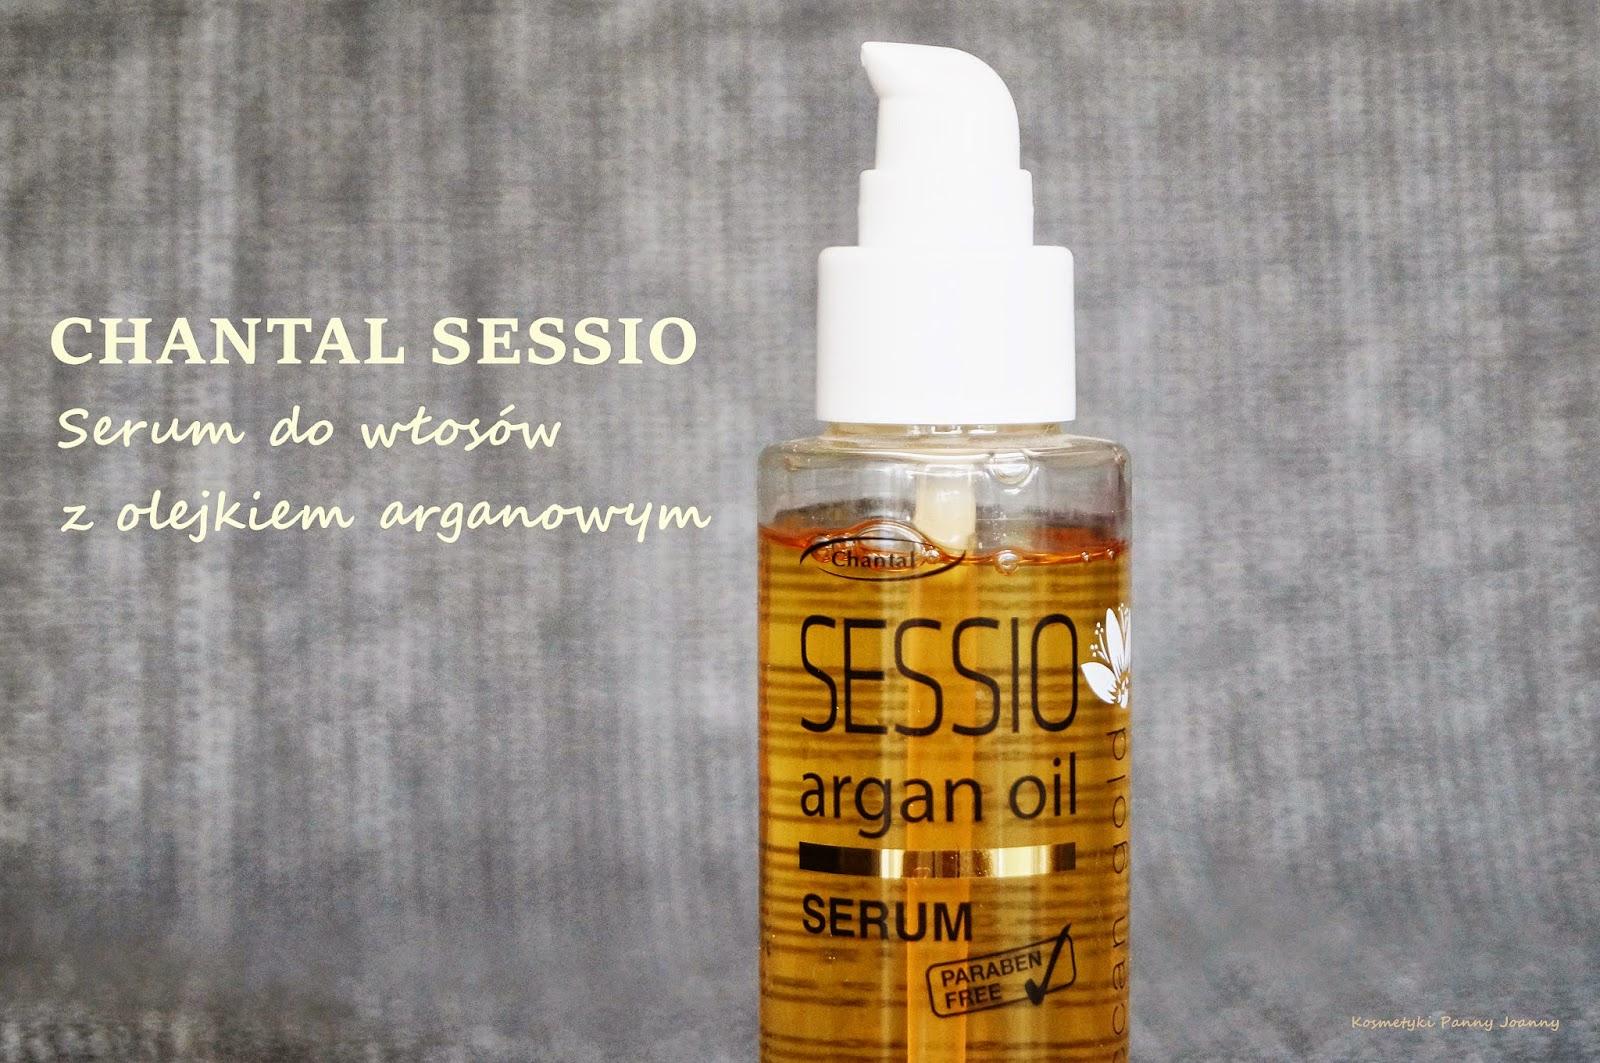 CHANTAL SESSIO Serum do włosów z olejkiem arganowym